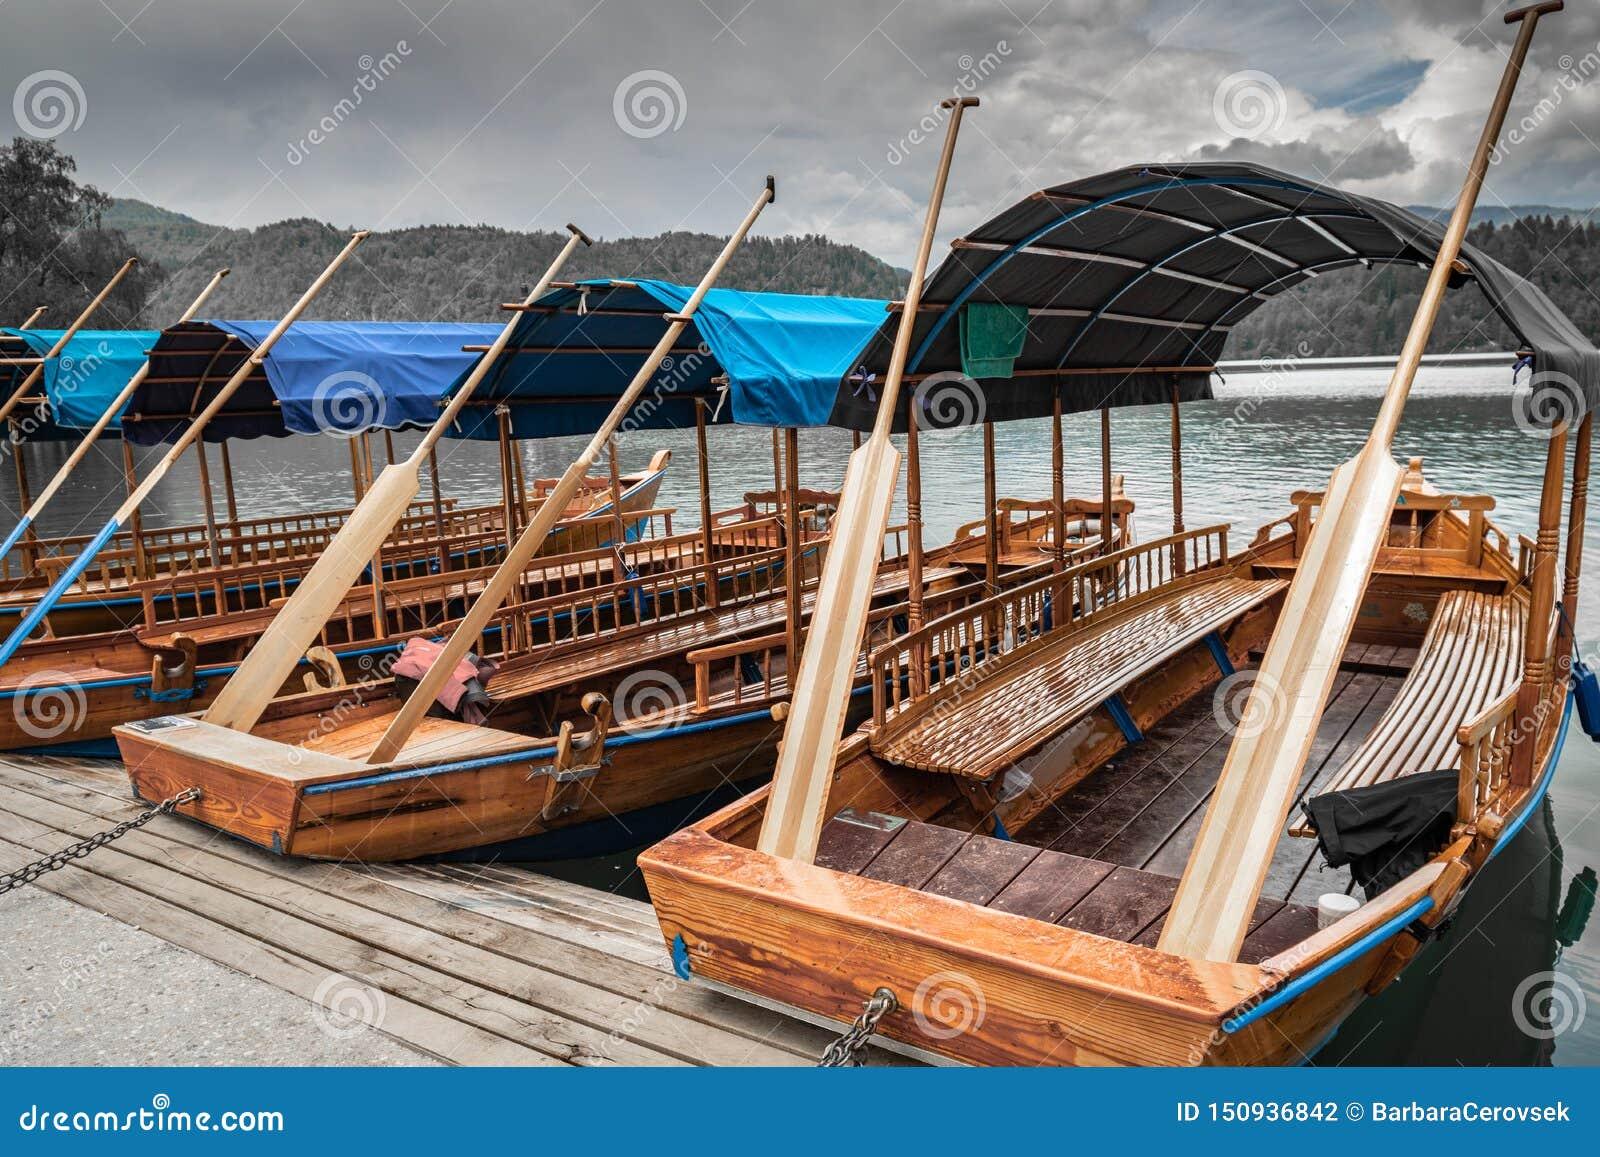 A vista cênico no pletna liso de madeira bonito dos barcos de enfileiramento no lago sangrado, slovenia, vai conceito verde